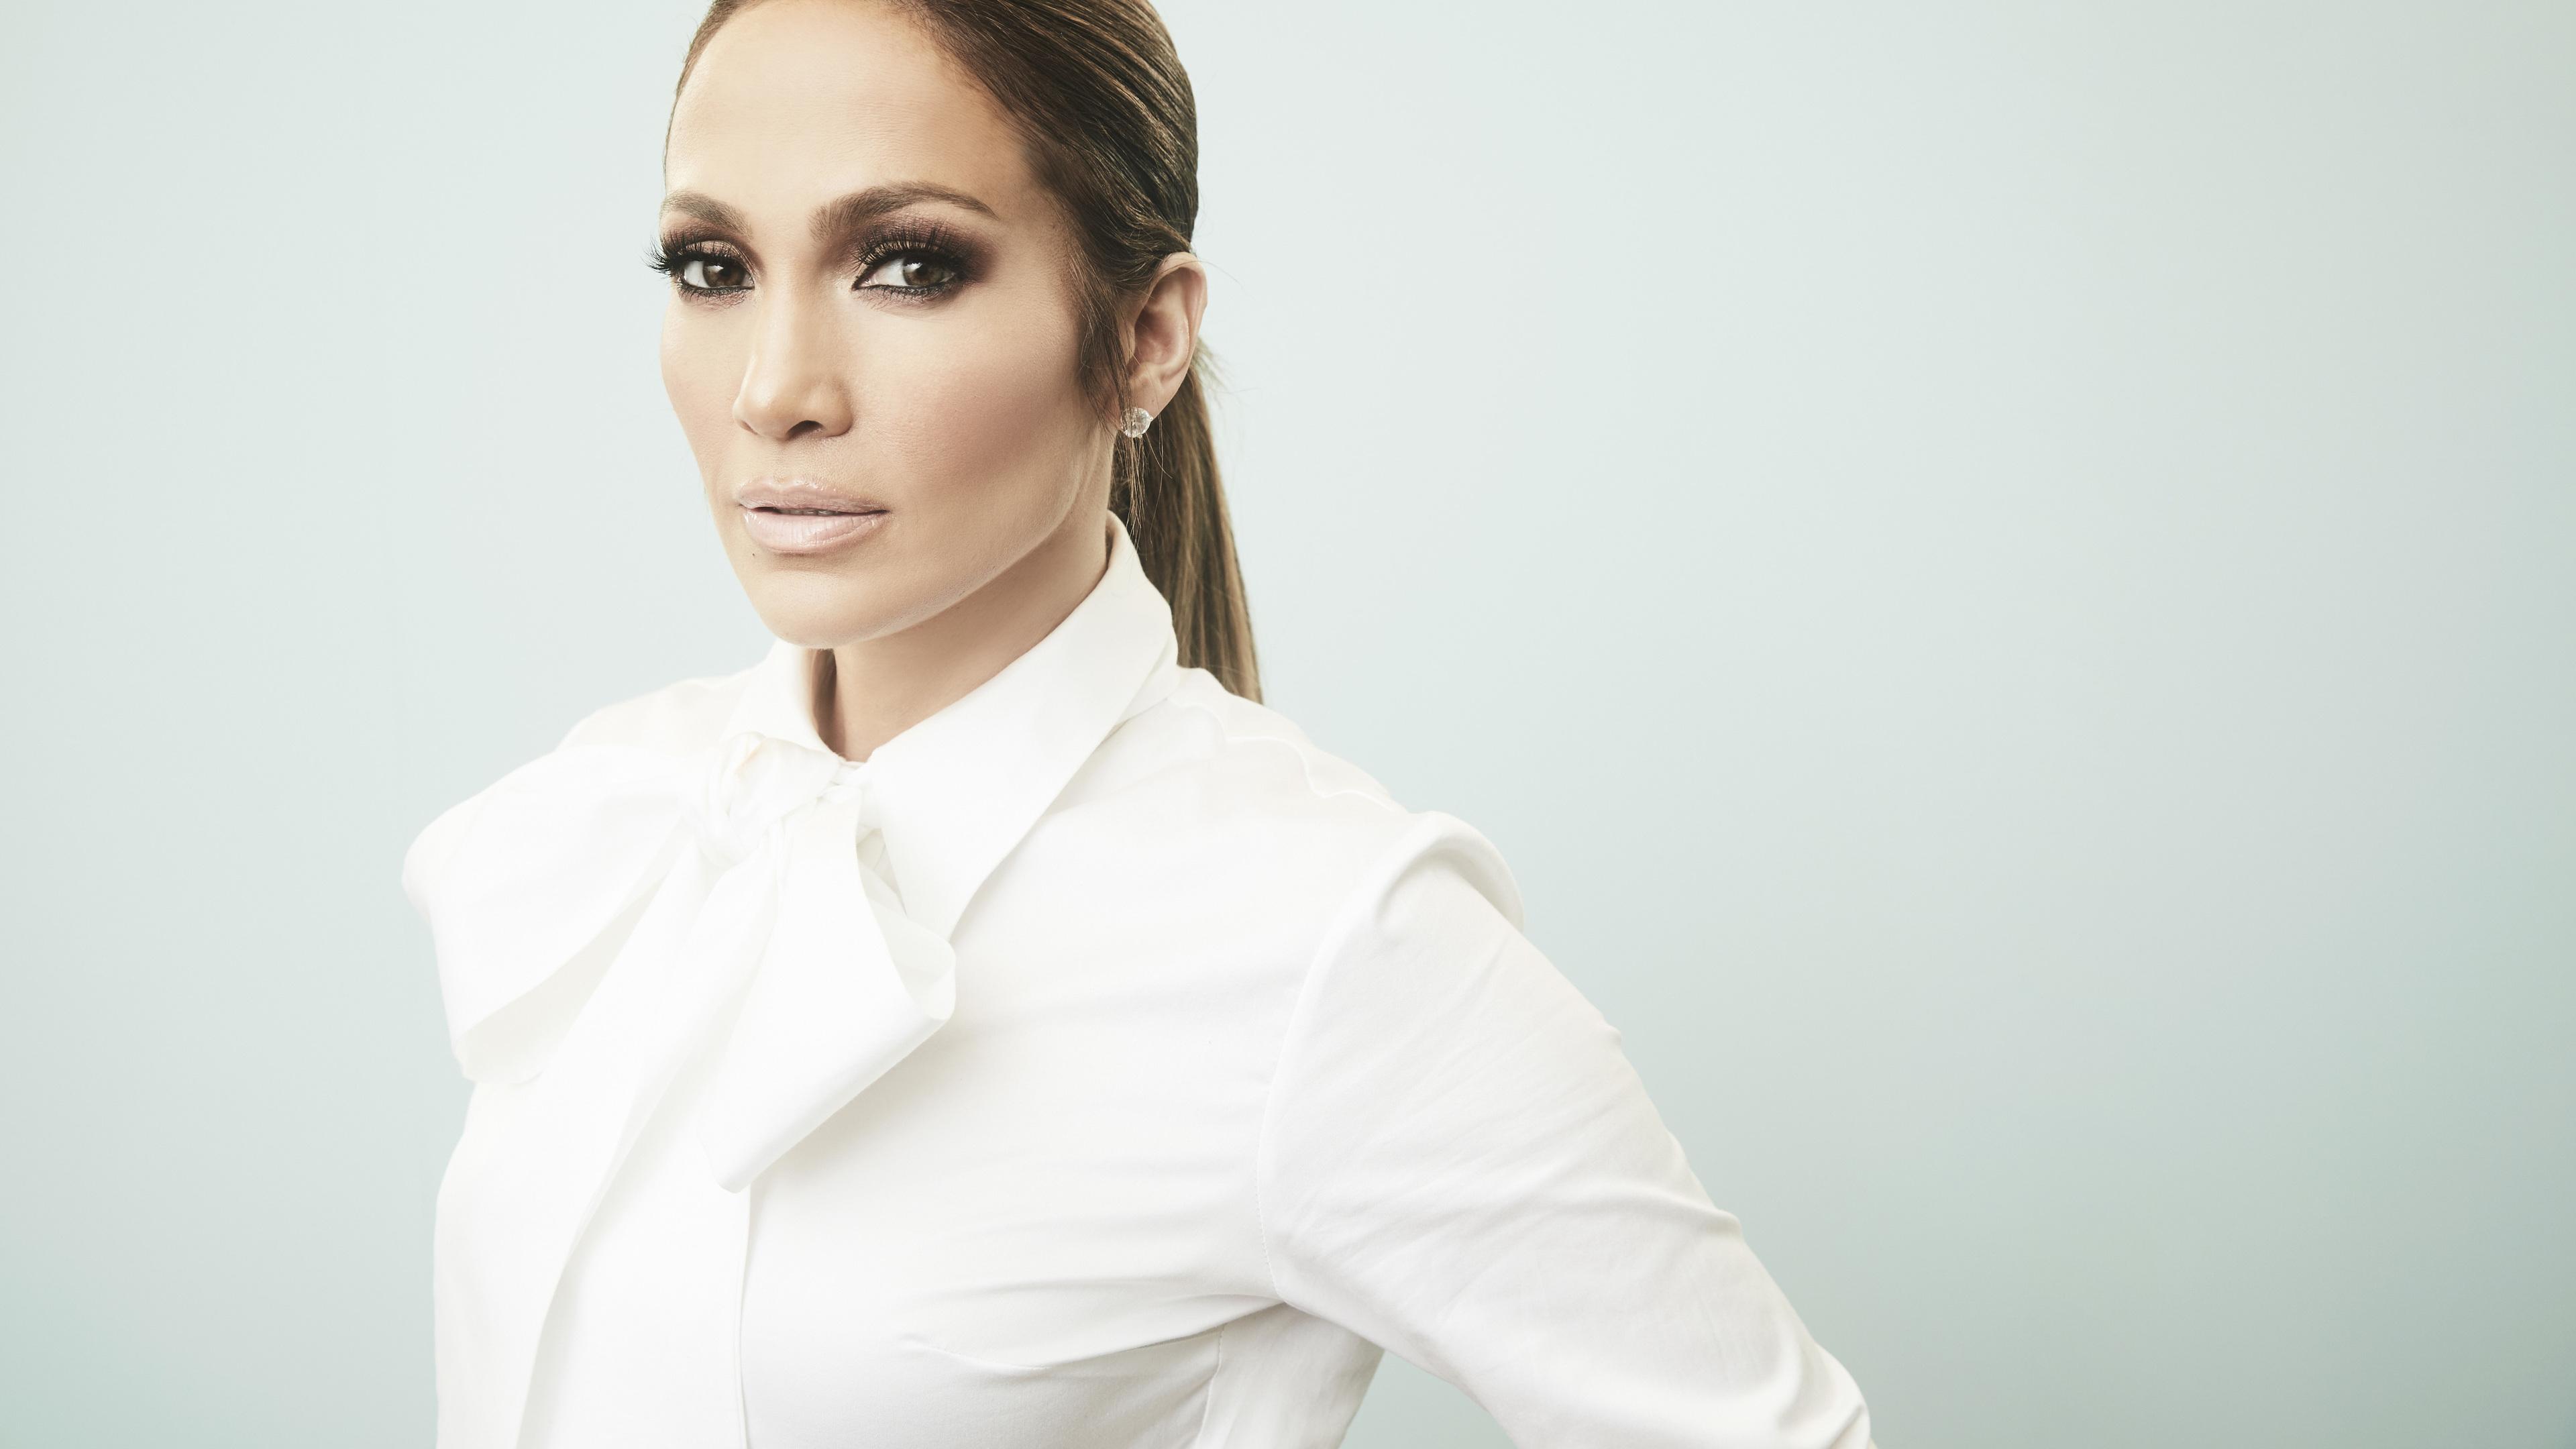 jennifer lopez 2018 1536861300 - Jennifer Lopez 2018 - singer wallpapers, music wallpapers, jennifer lopez wallpapers, hd-wallpapers, girls wallpapers, celebrities wallpapers, 5k wallpapers, 4k-wallpapers